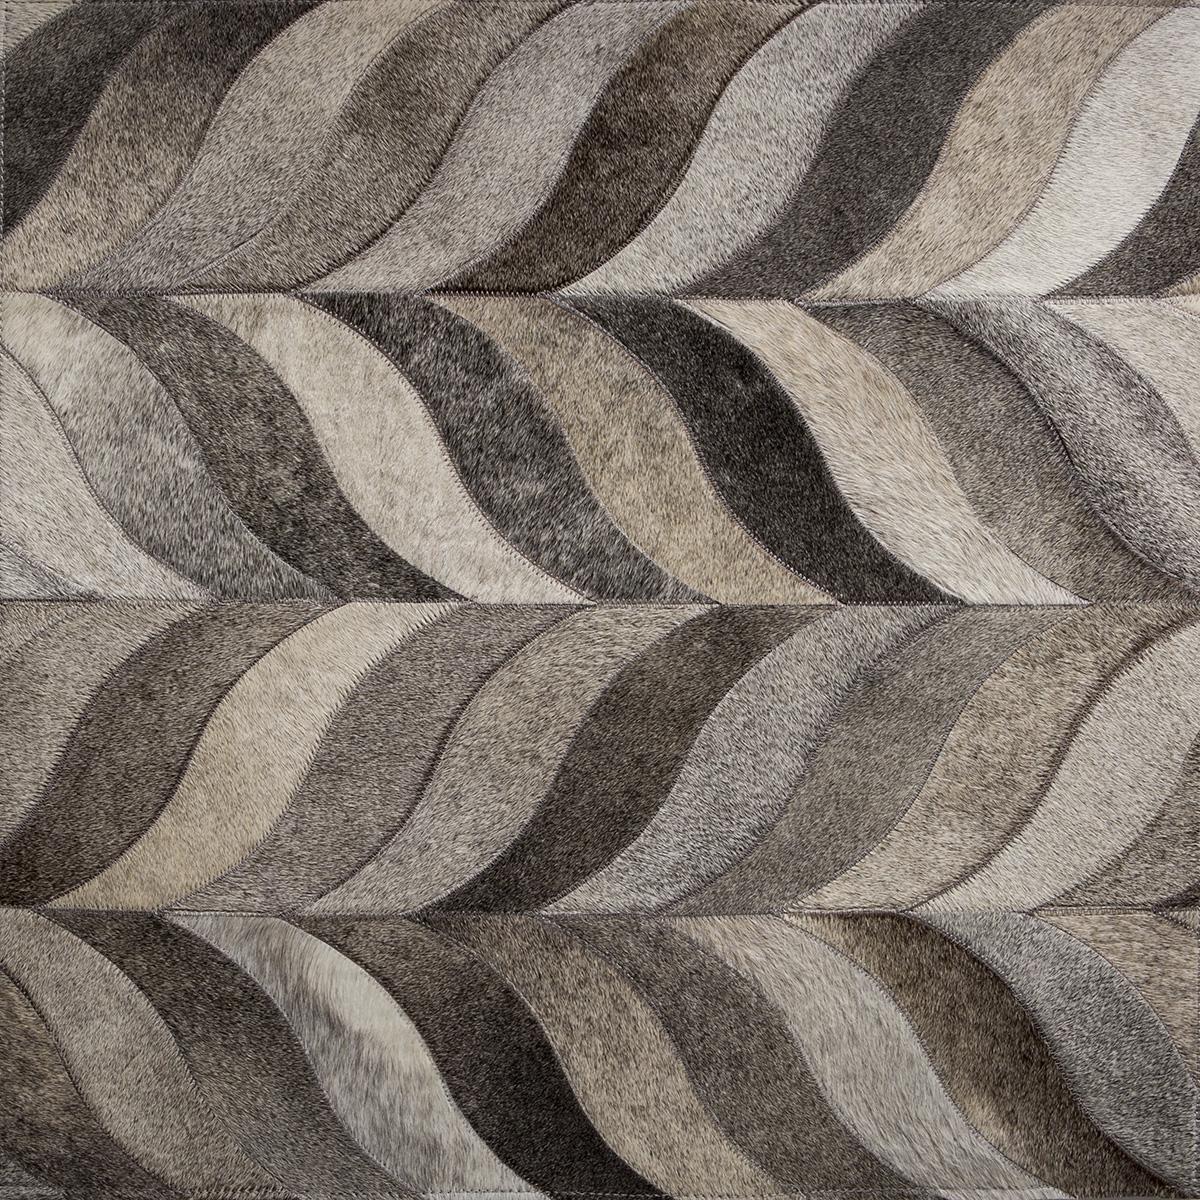 Ebanista-Modern-Textured-Rug-LEAVES-PEWTER-1.jpg